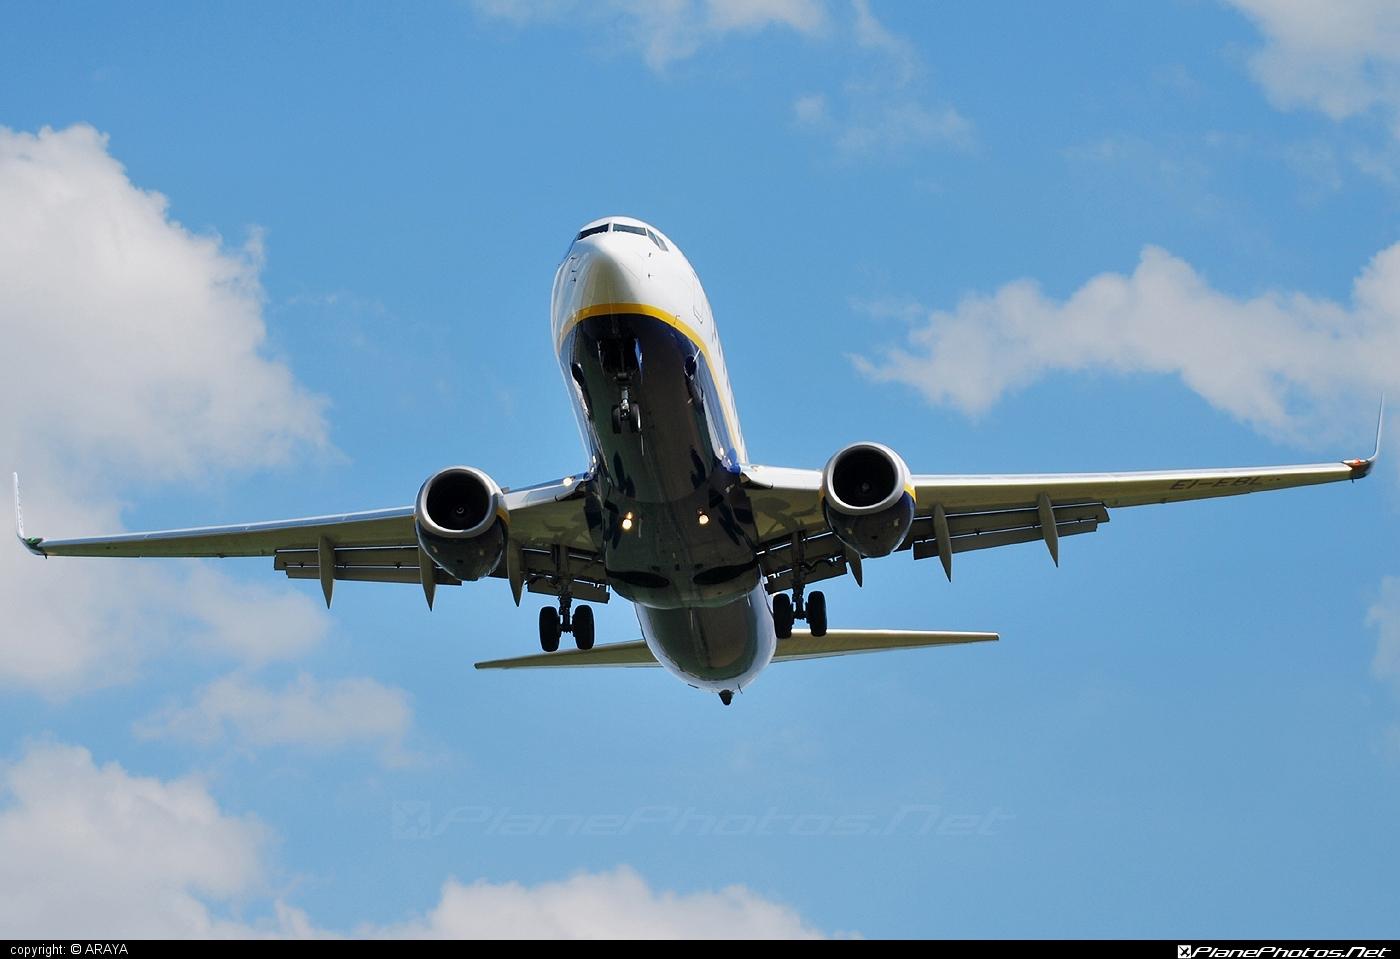 Boeing 737-800 - EI-EBL operated by Ryanair #b737 #b737nextgen #b737ng #boeing #boeing737 #ryanair